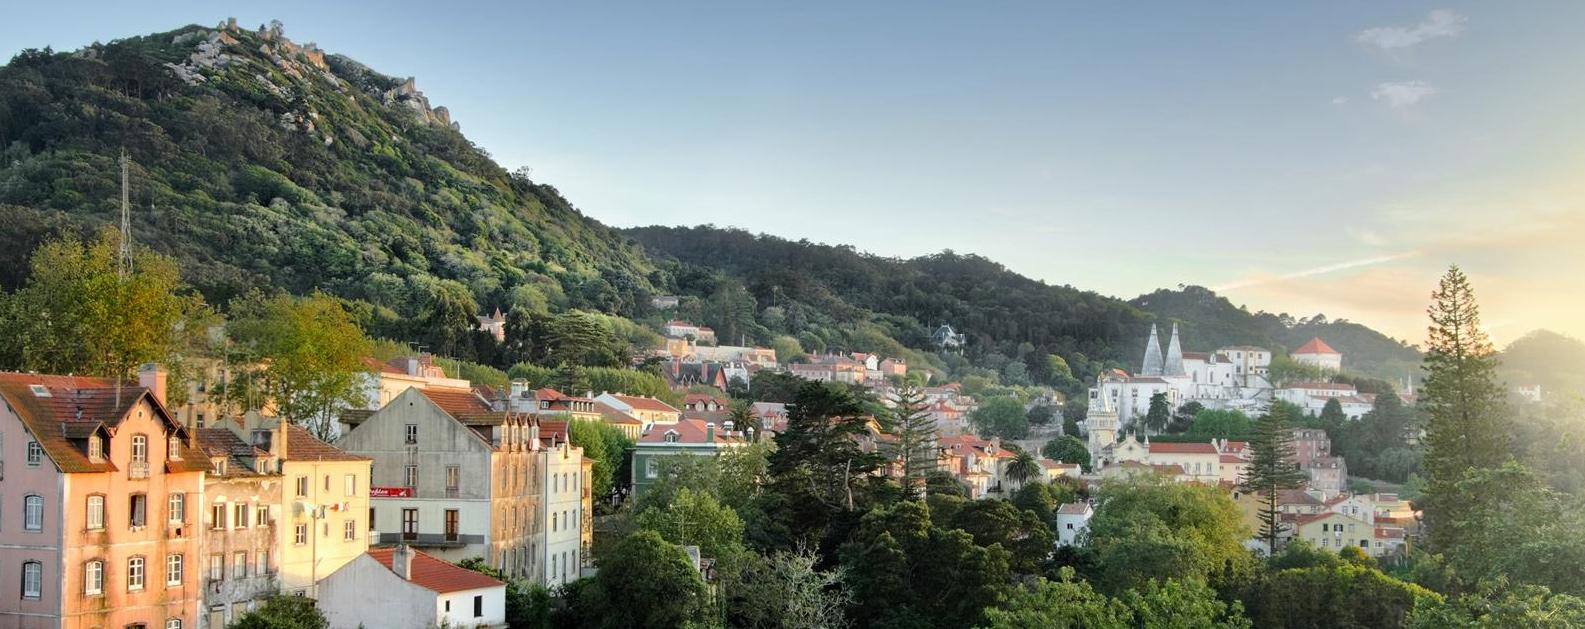 Concelho de Sintra, Região de Sintra, Visitar Sintra, Câmara Municipal de Sintra, Videos de Sintra, Noticias de Sintra, Reportagens, Sintra, Região, Lisboa